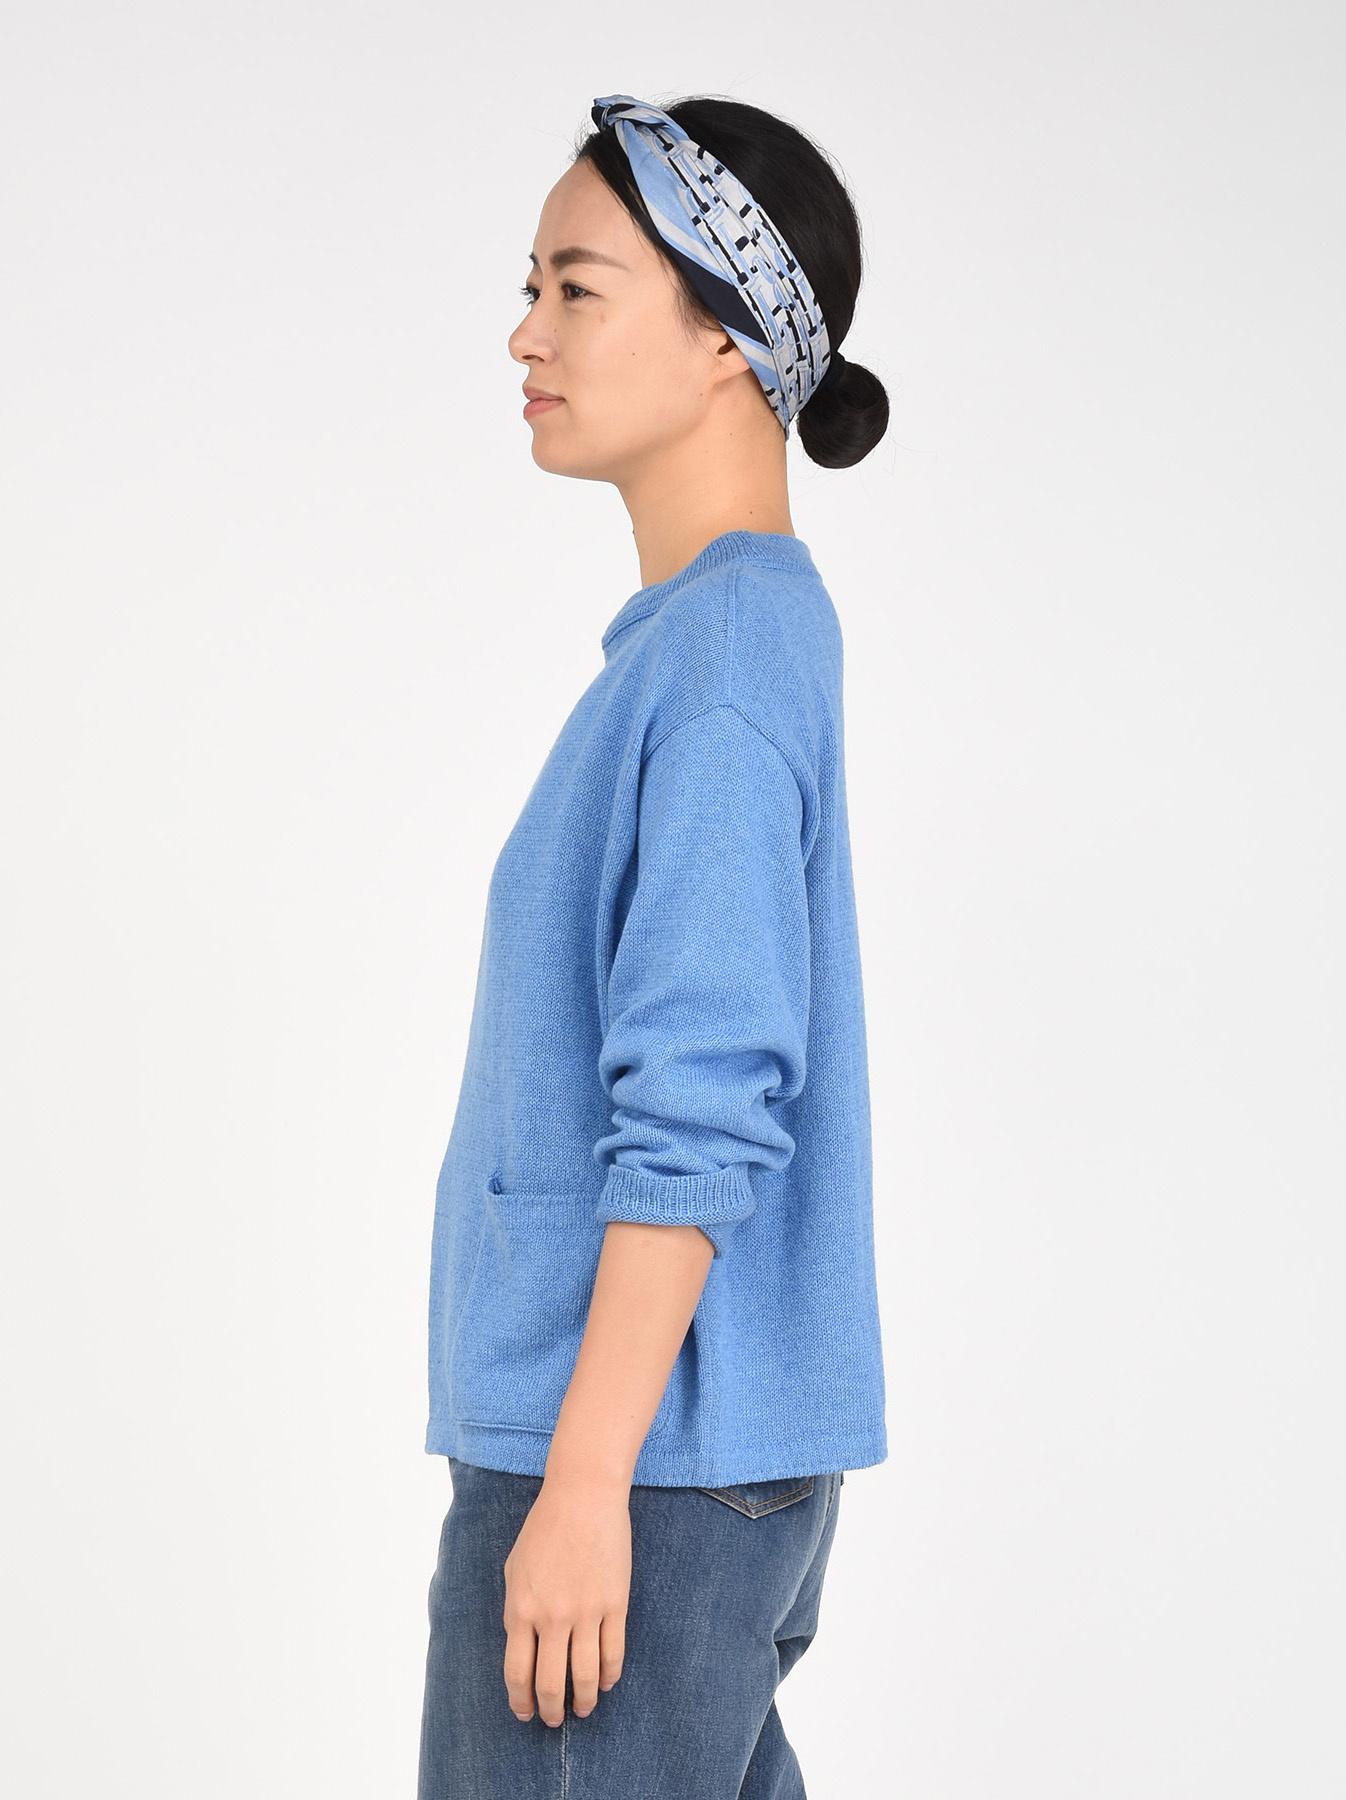 Zimbabwe Cotton Knit-sew 908 Uma Sweater-4